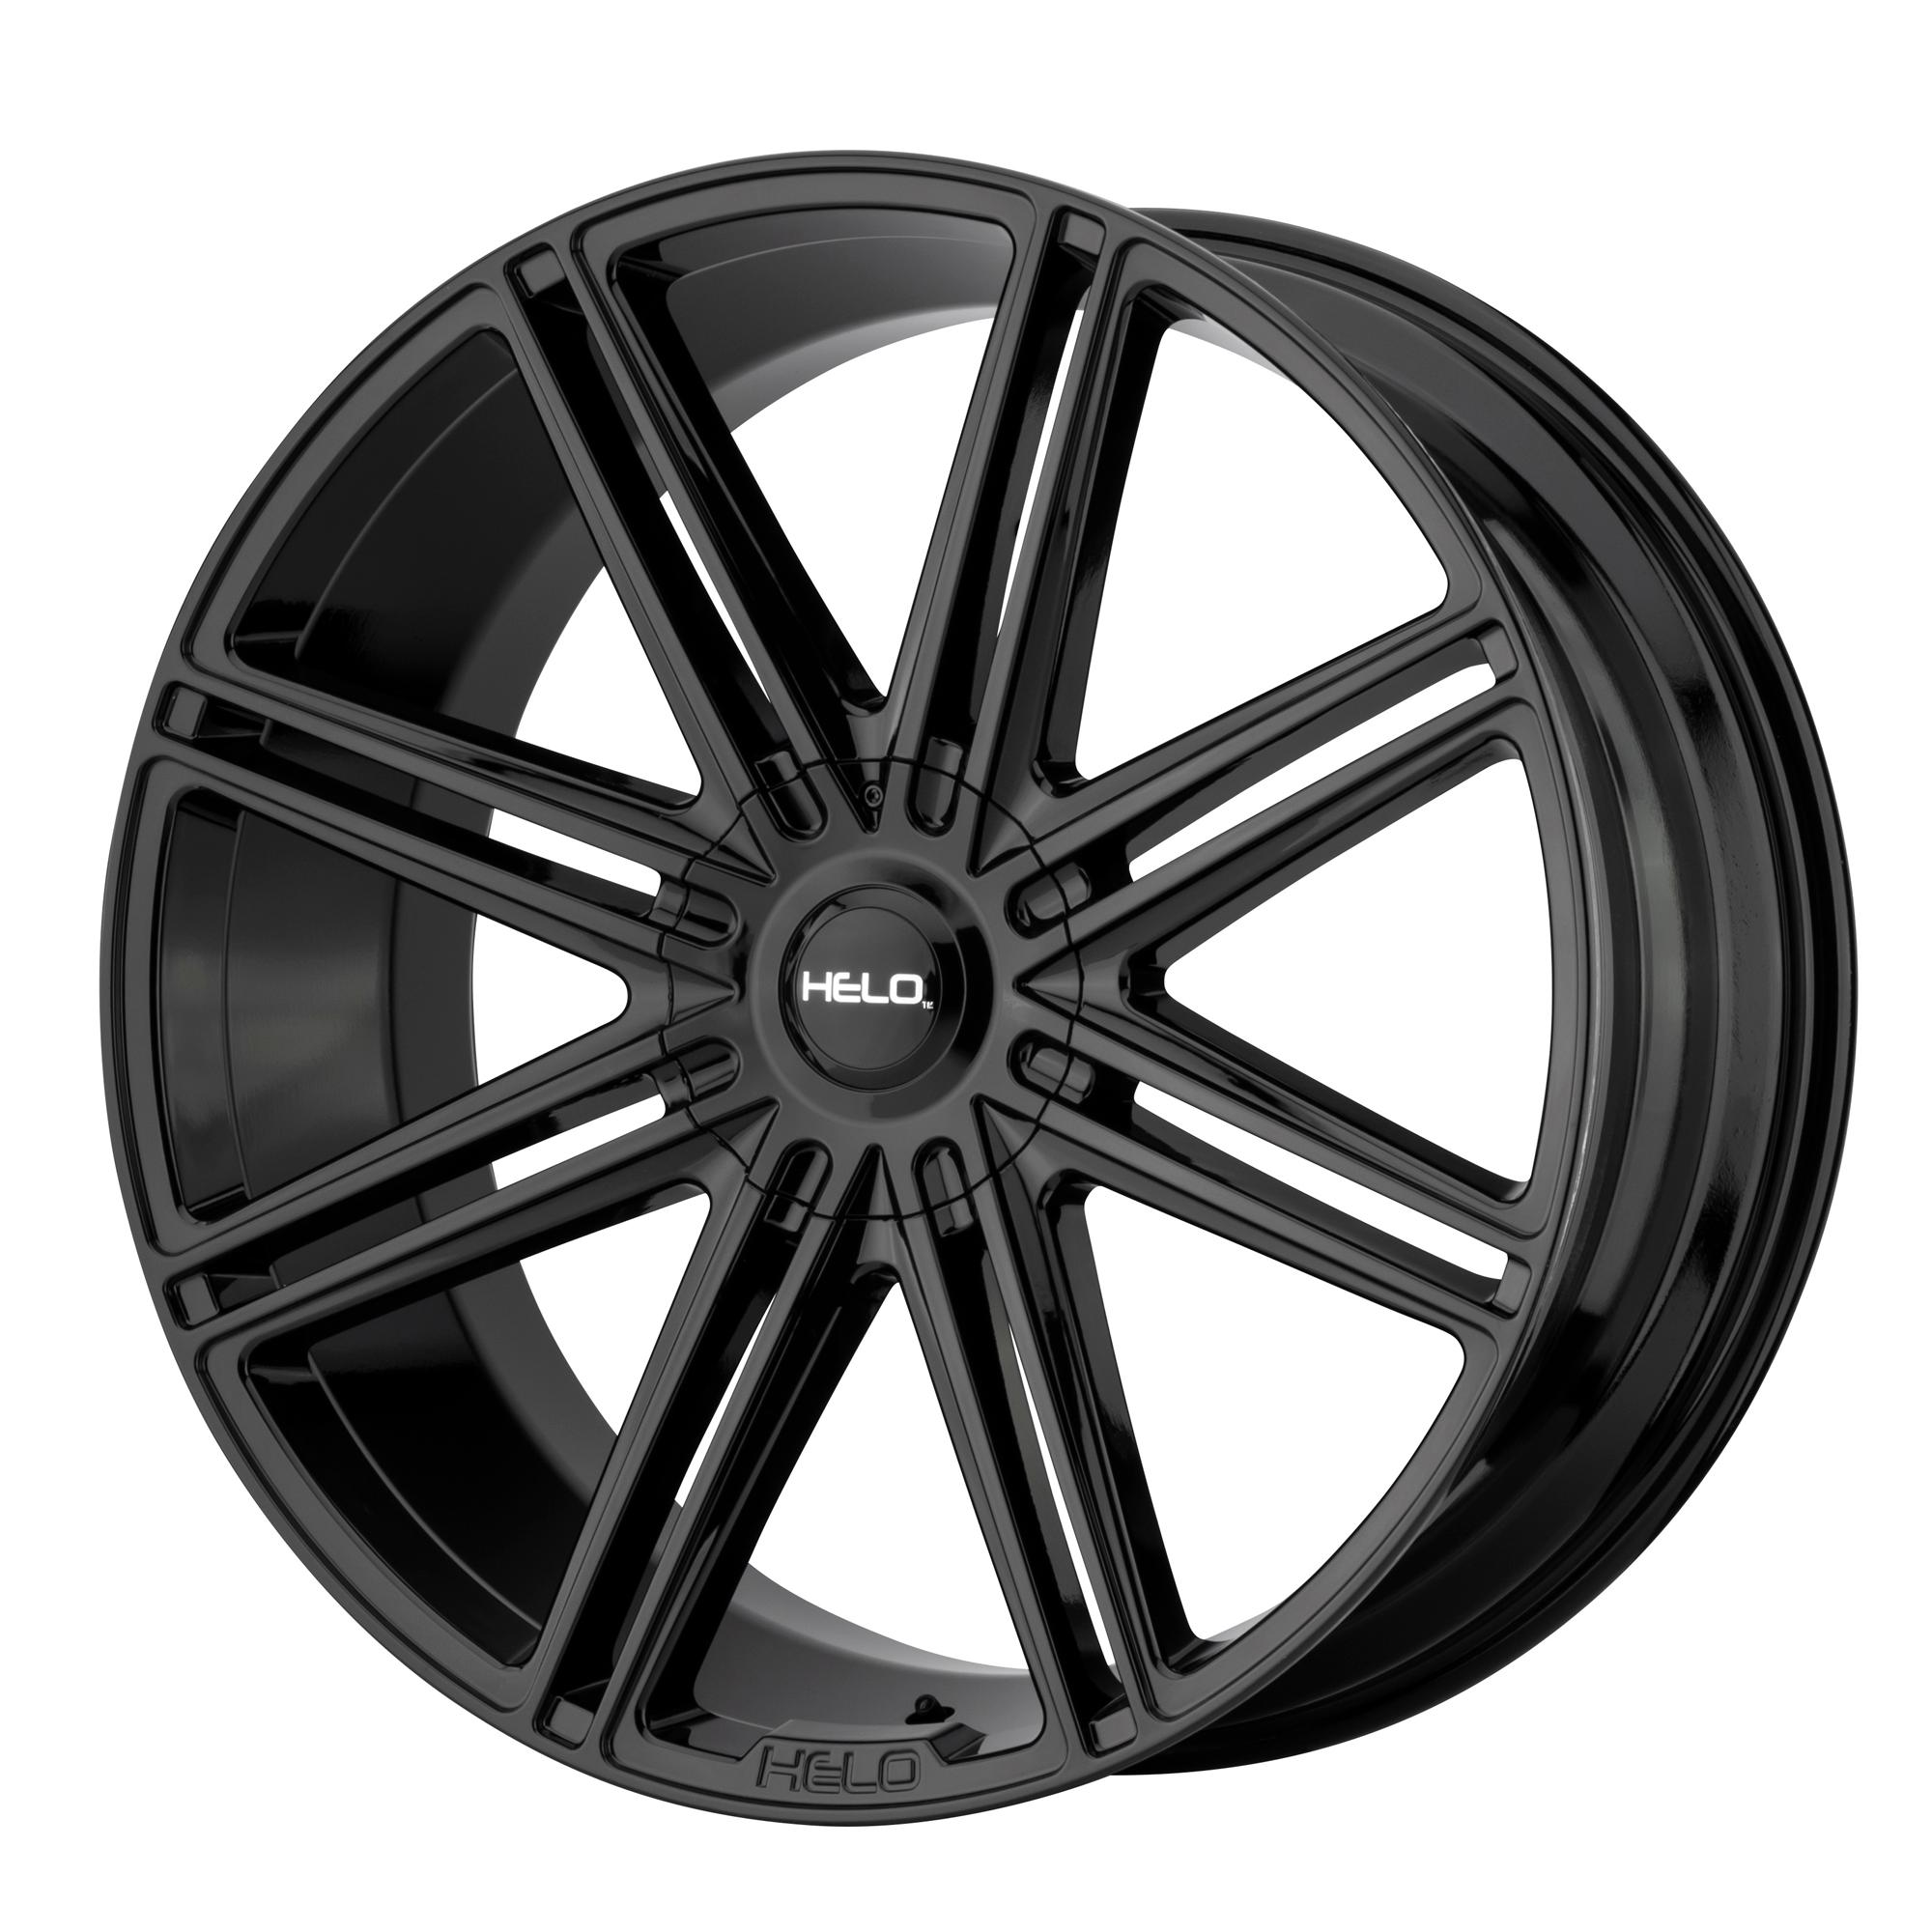 HELO HE913 hliníkové disky 9,5x22 6x135 ET30 Gloss Black